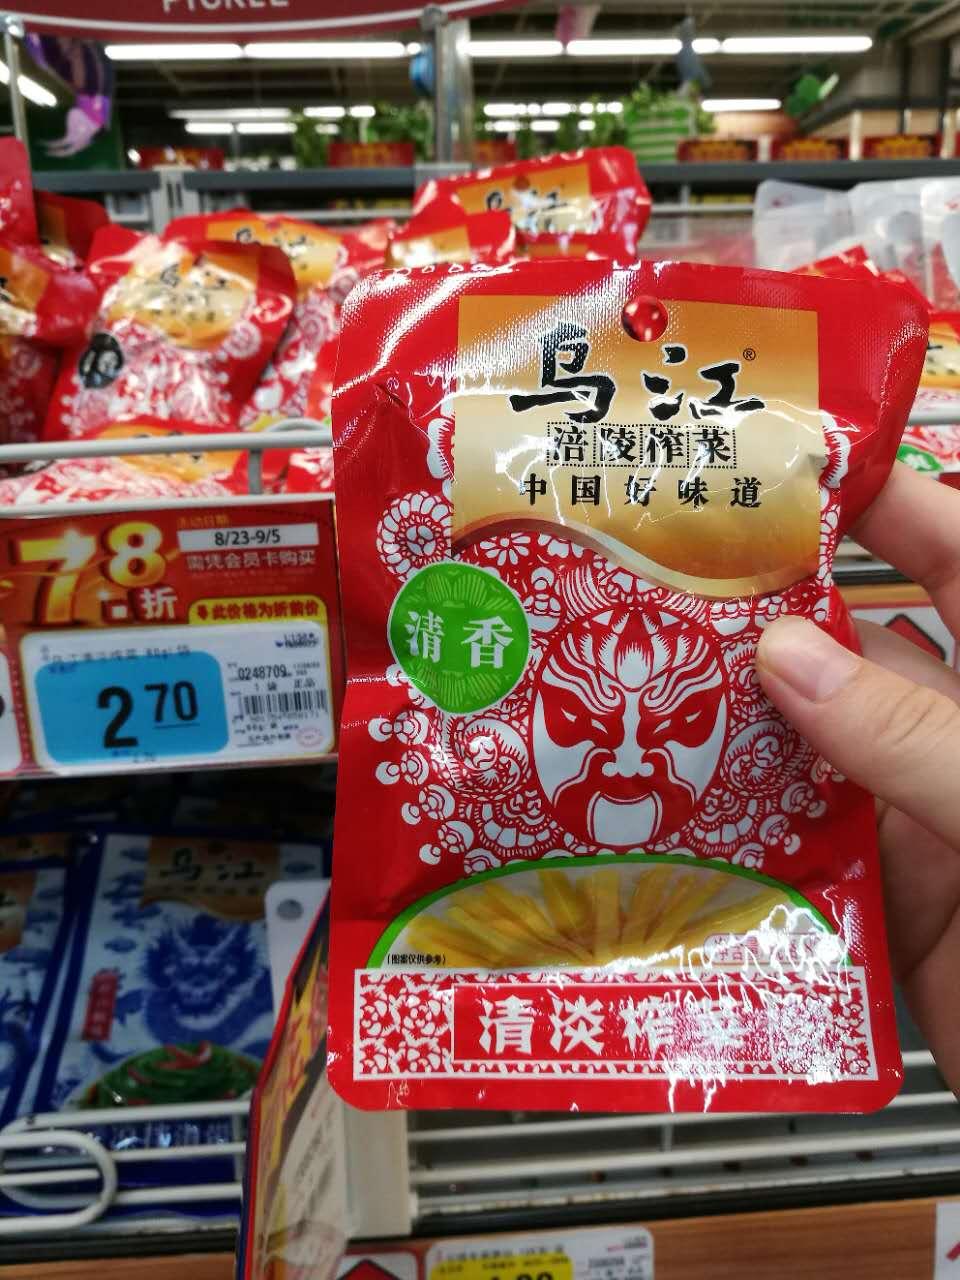 【乌江旗舰店】微辣清淡组合装30袋